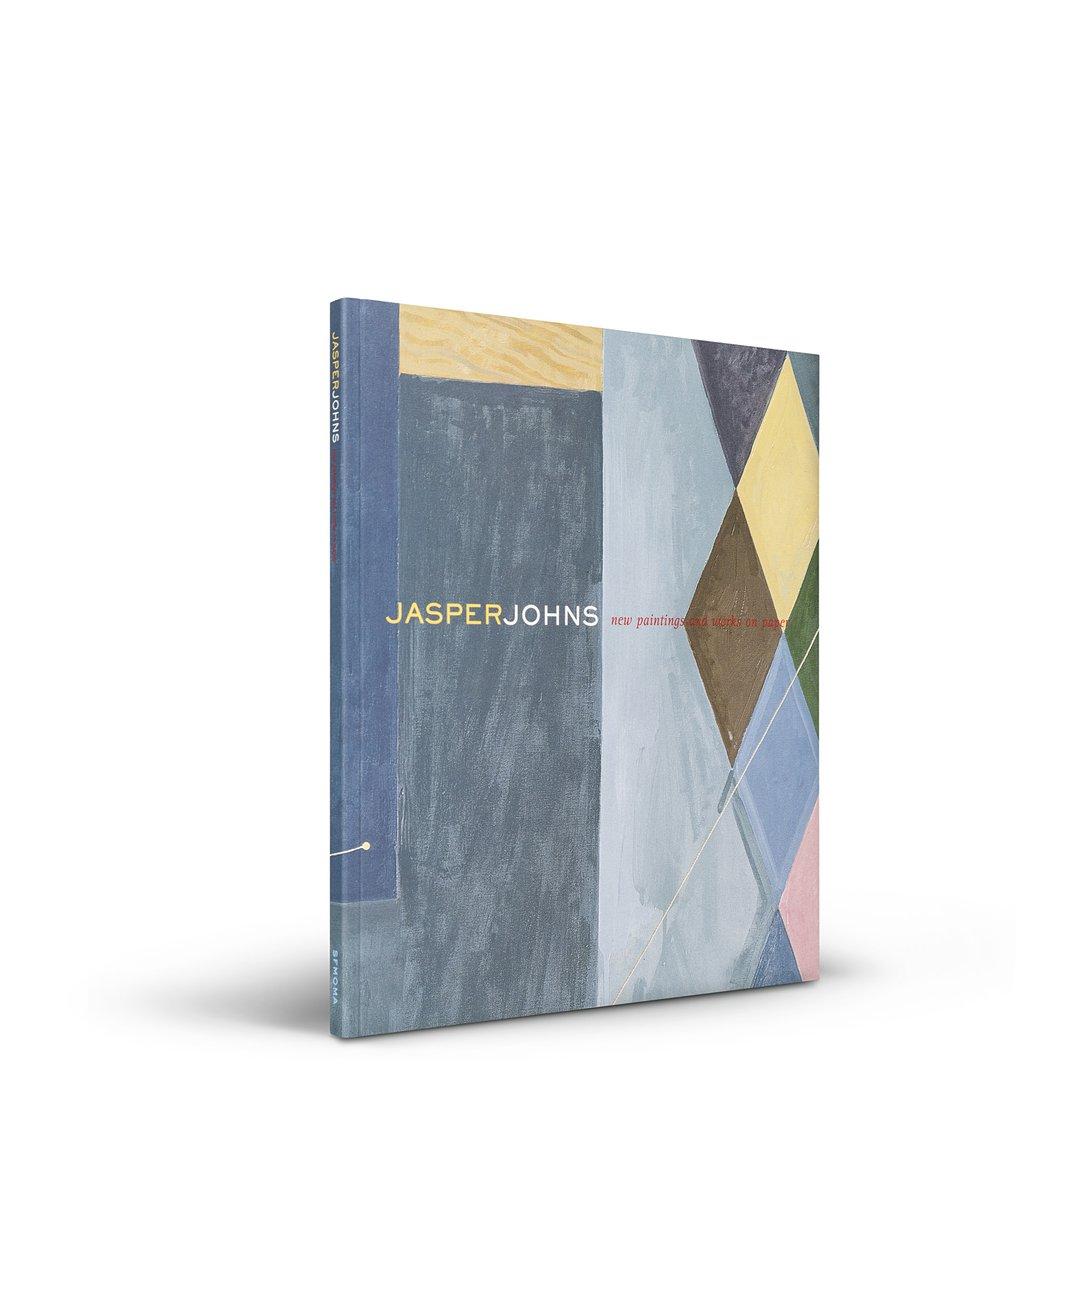 Jasper Johns cover